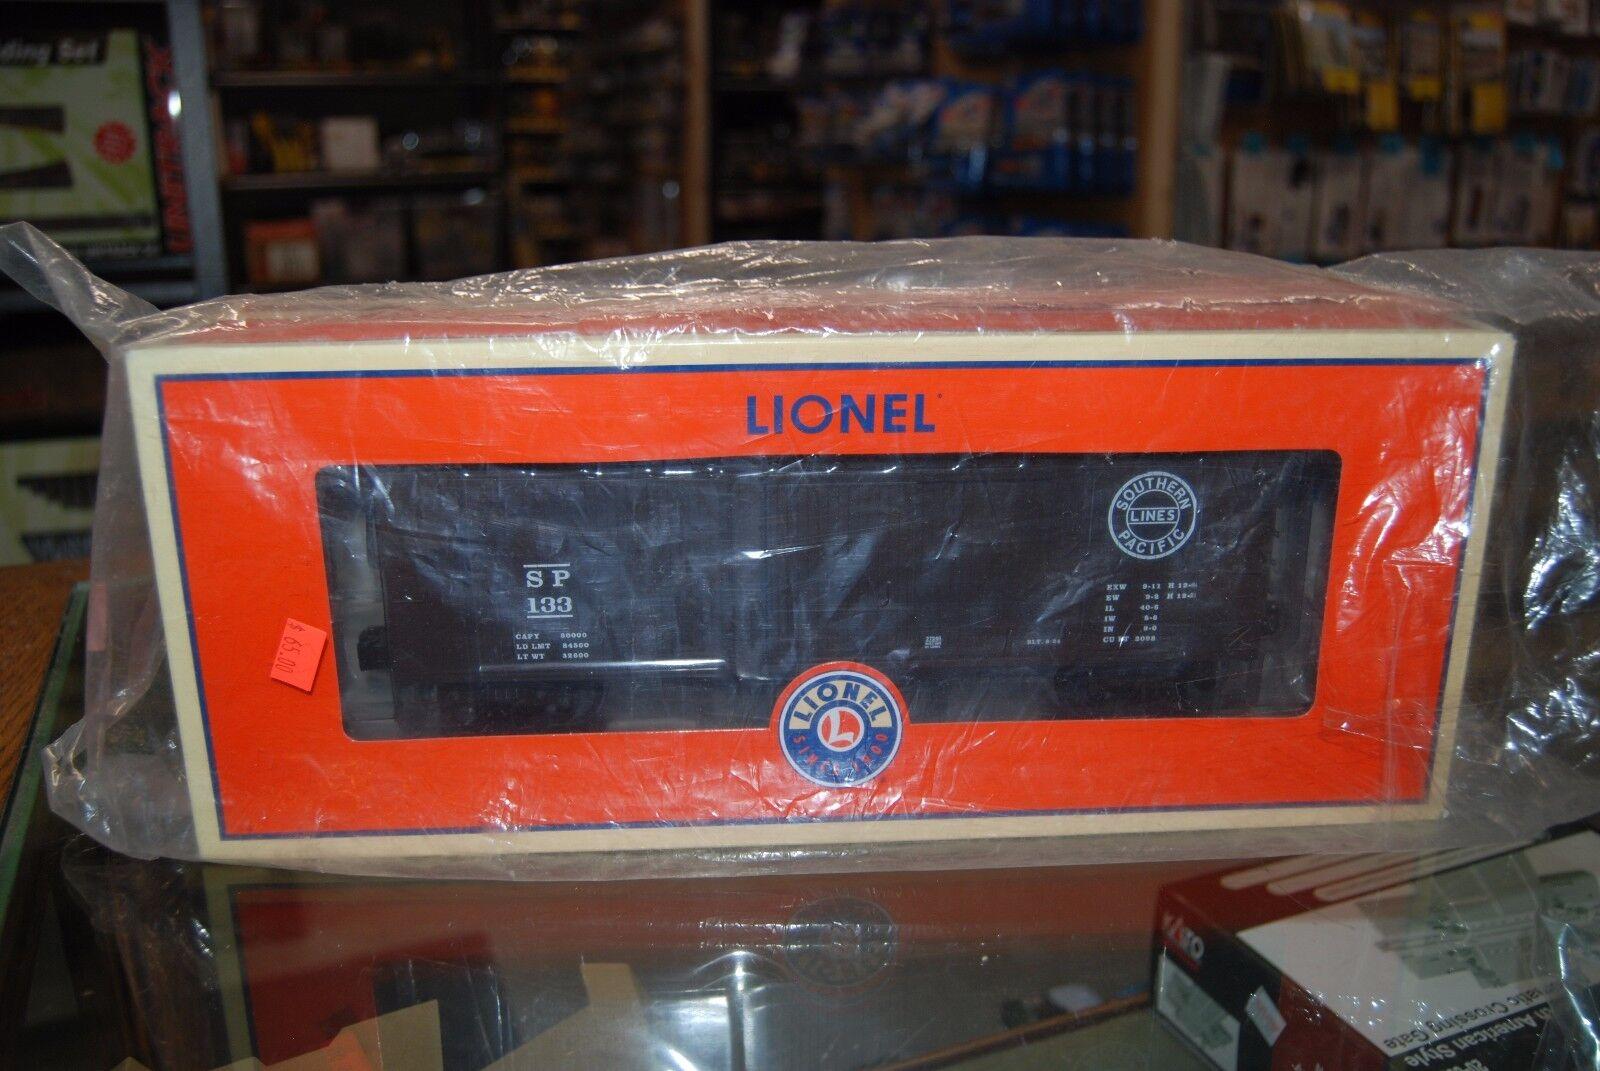 O Escala Lionel  6-27246 Southern Pacific doble forró el furgón